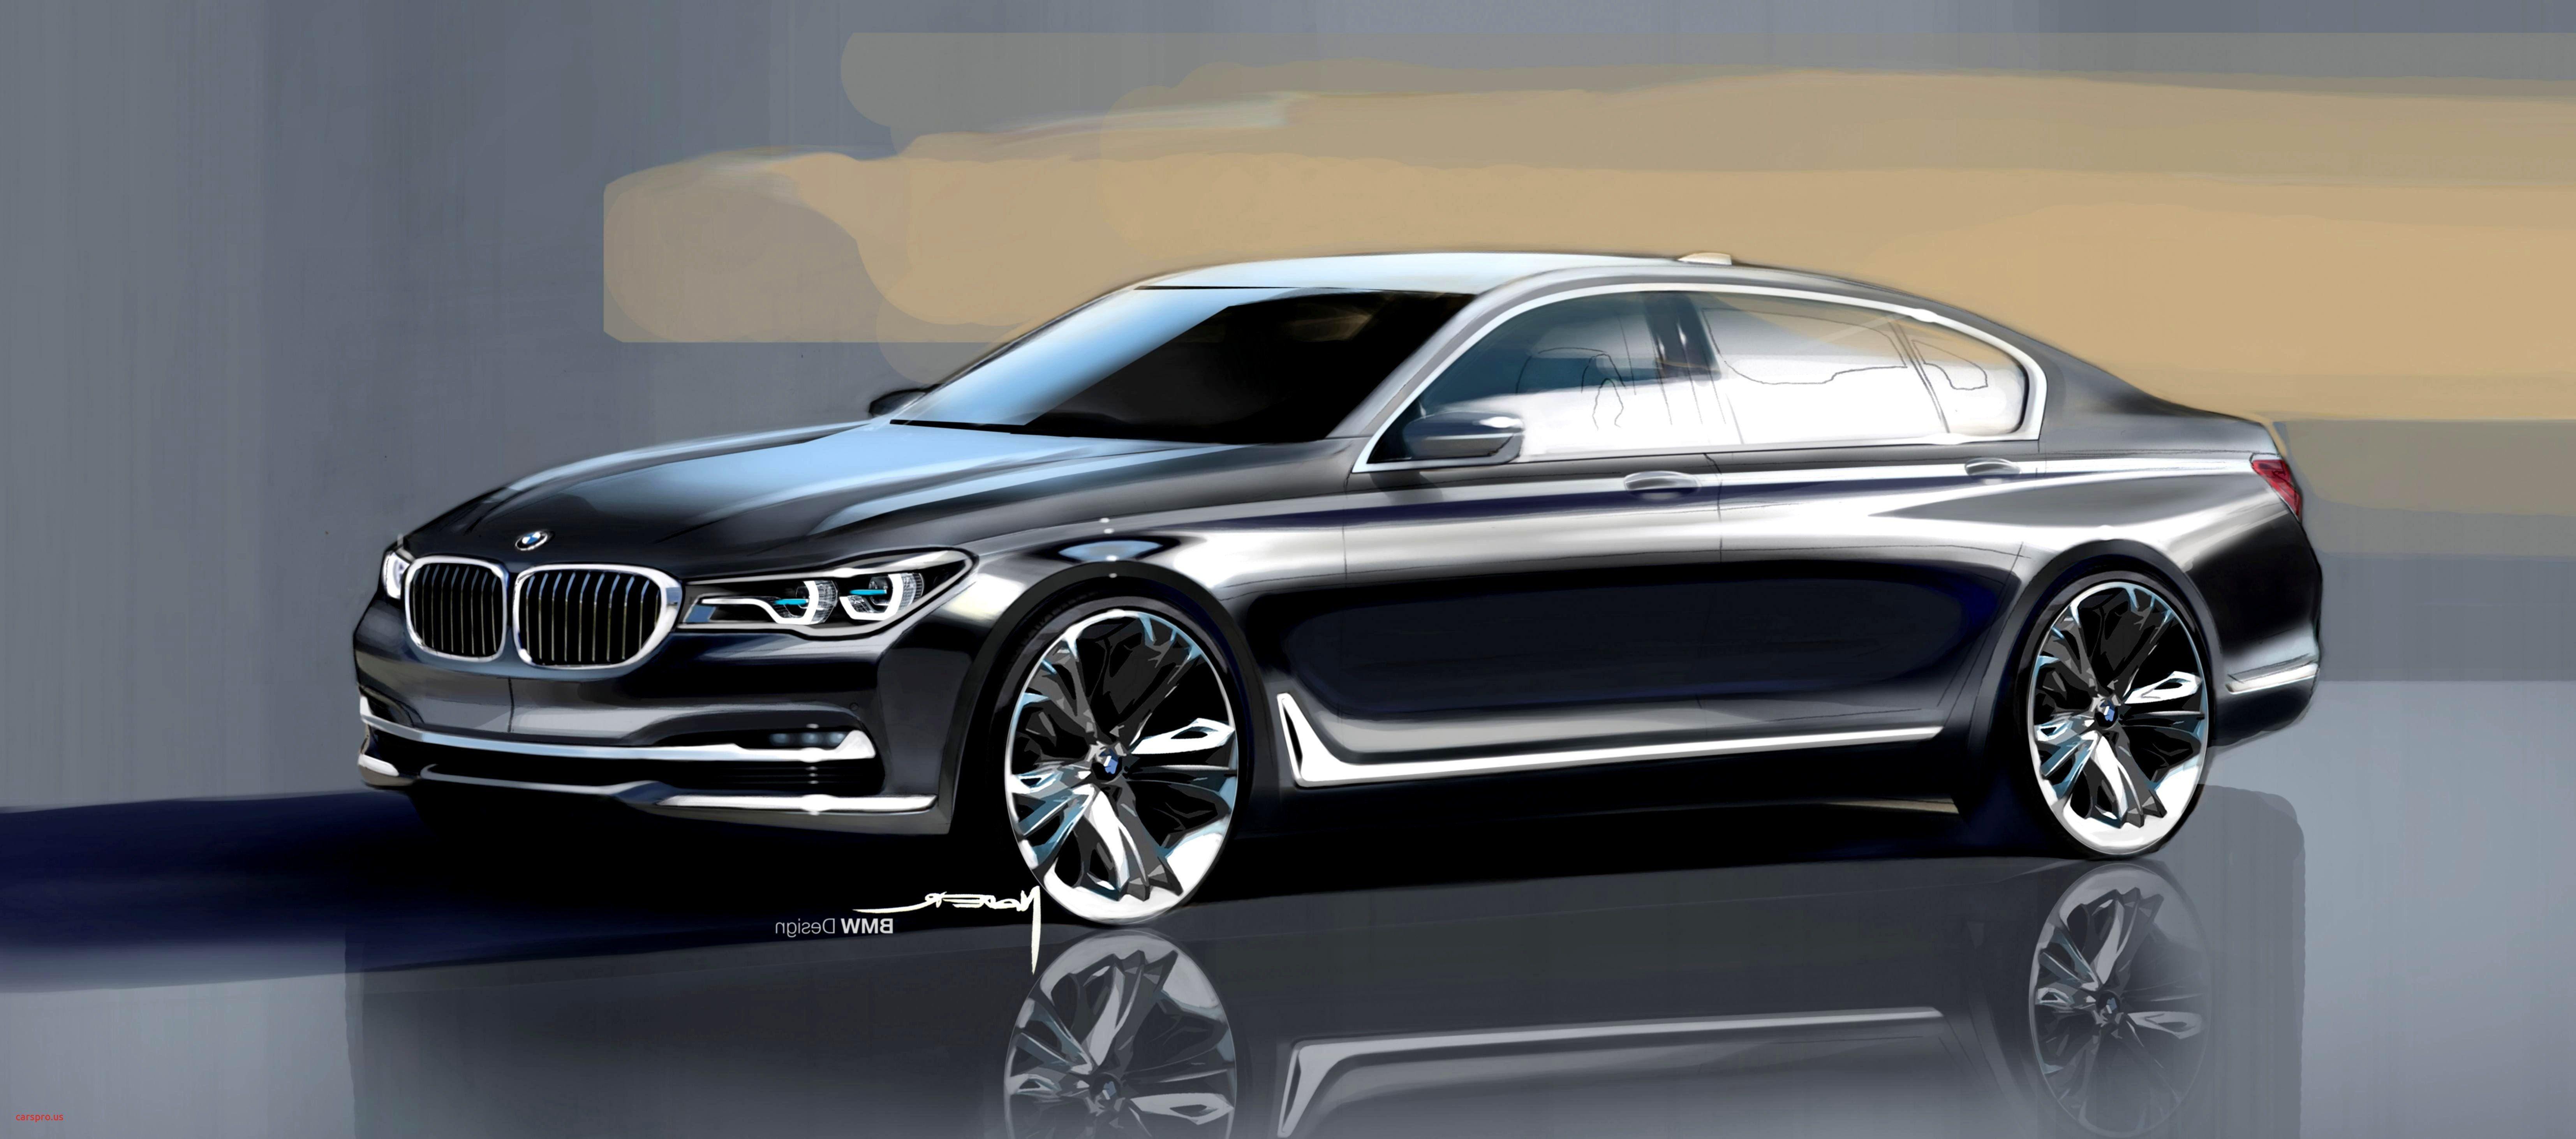 Bmw 2020 Series 7 2020 Bmw 7 Series Bmw Design Automotive Design